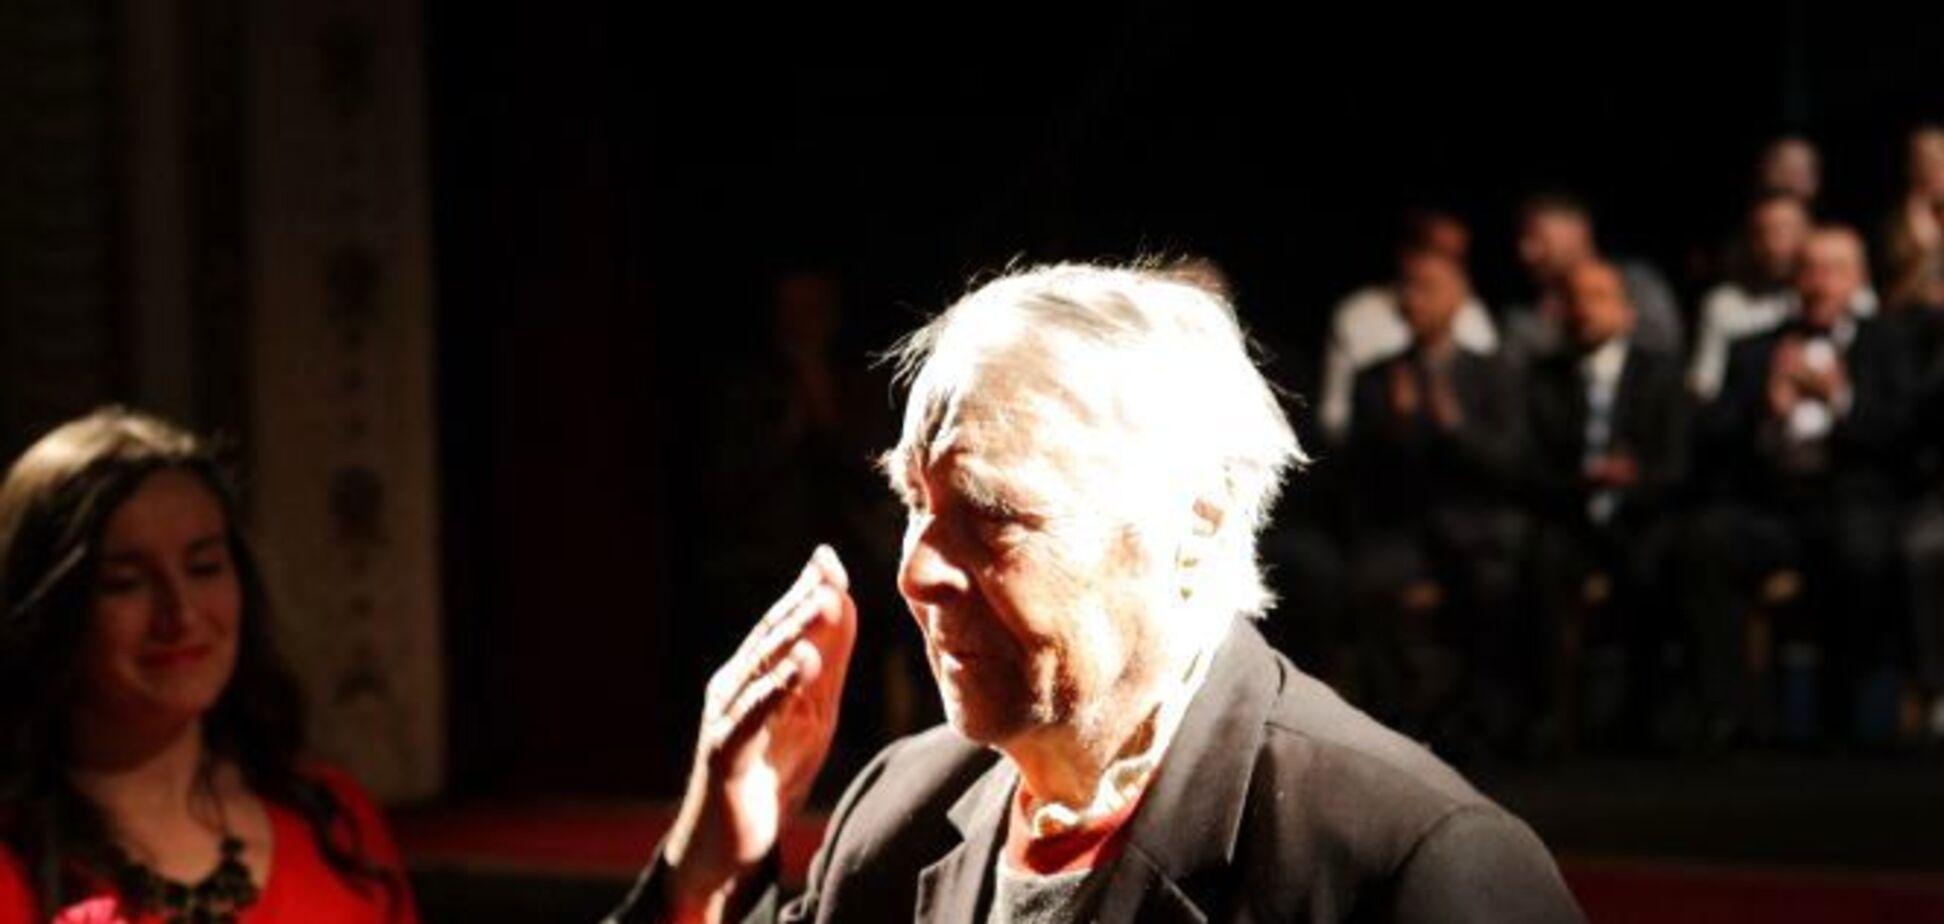 У Тернополі під час пожежі трагічно загинув народний артист України